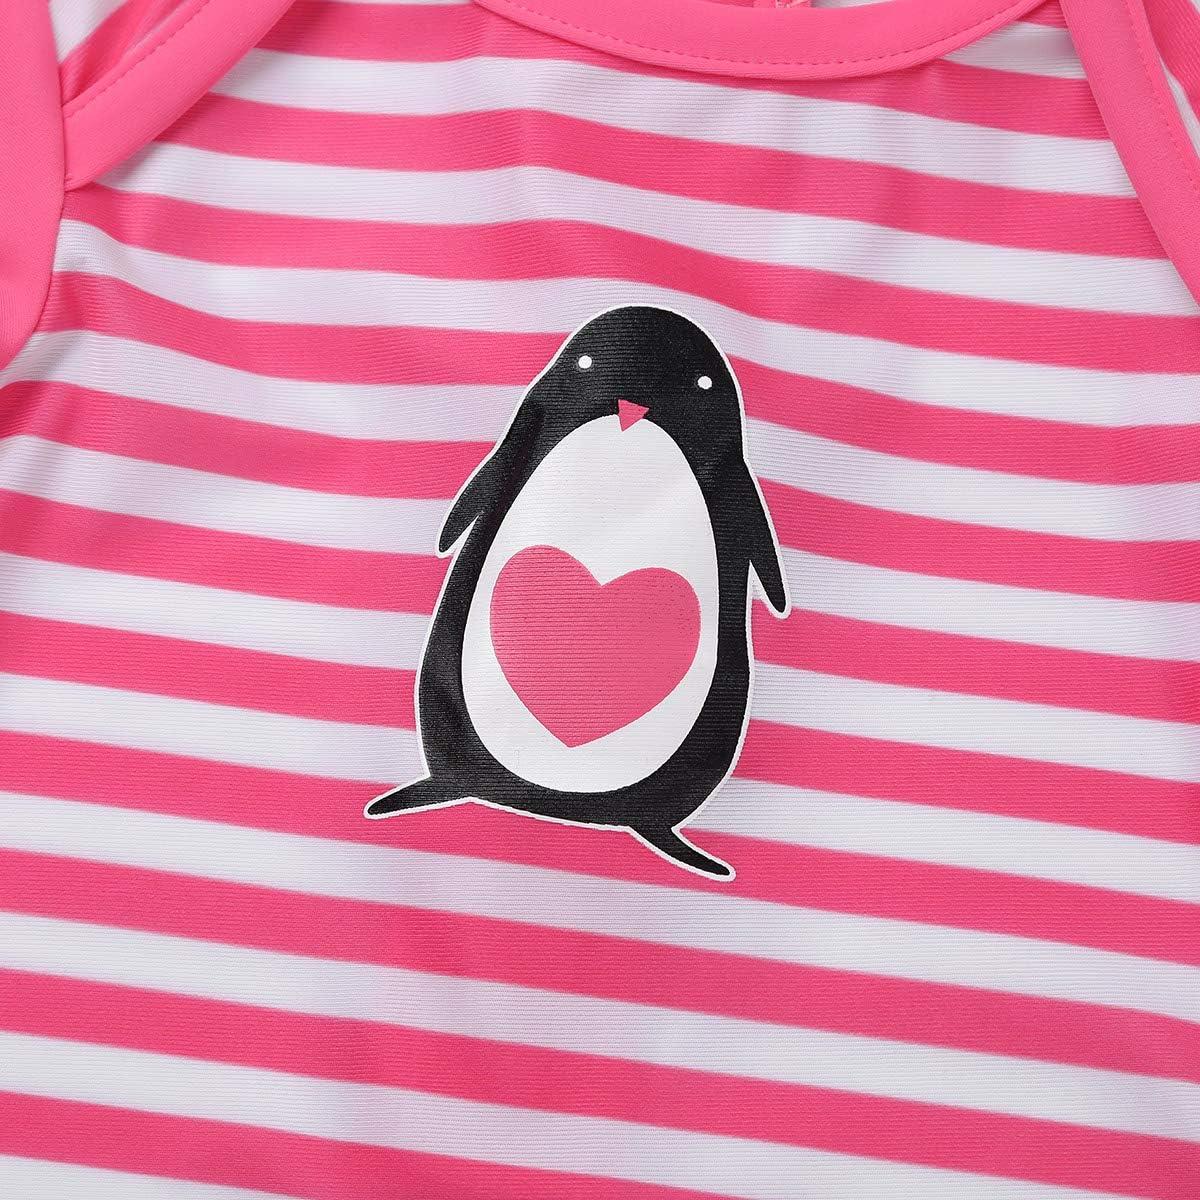 JEATHA Barboteuse B/éb/é Gar/çon Fille /Ét/é Maillot de Bain 1 Pi/èce Anti UV Combinaison Manche Longue Requin Pingouin Petit Enfant V/êtements Protection Solaire 3 Mois-3 Ans